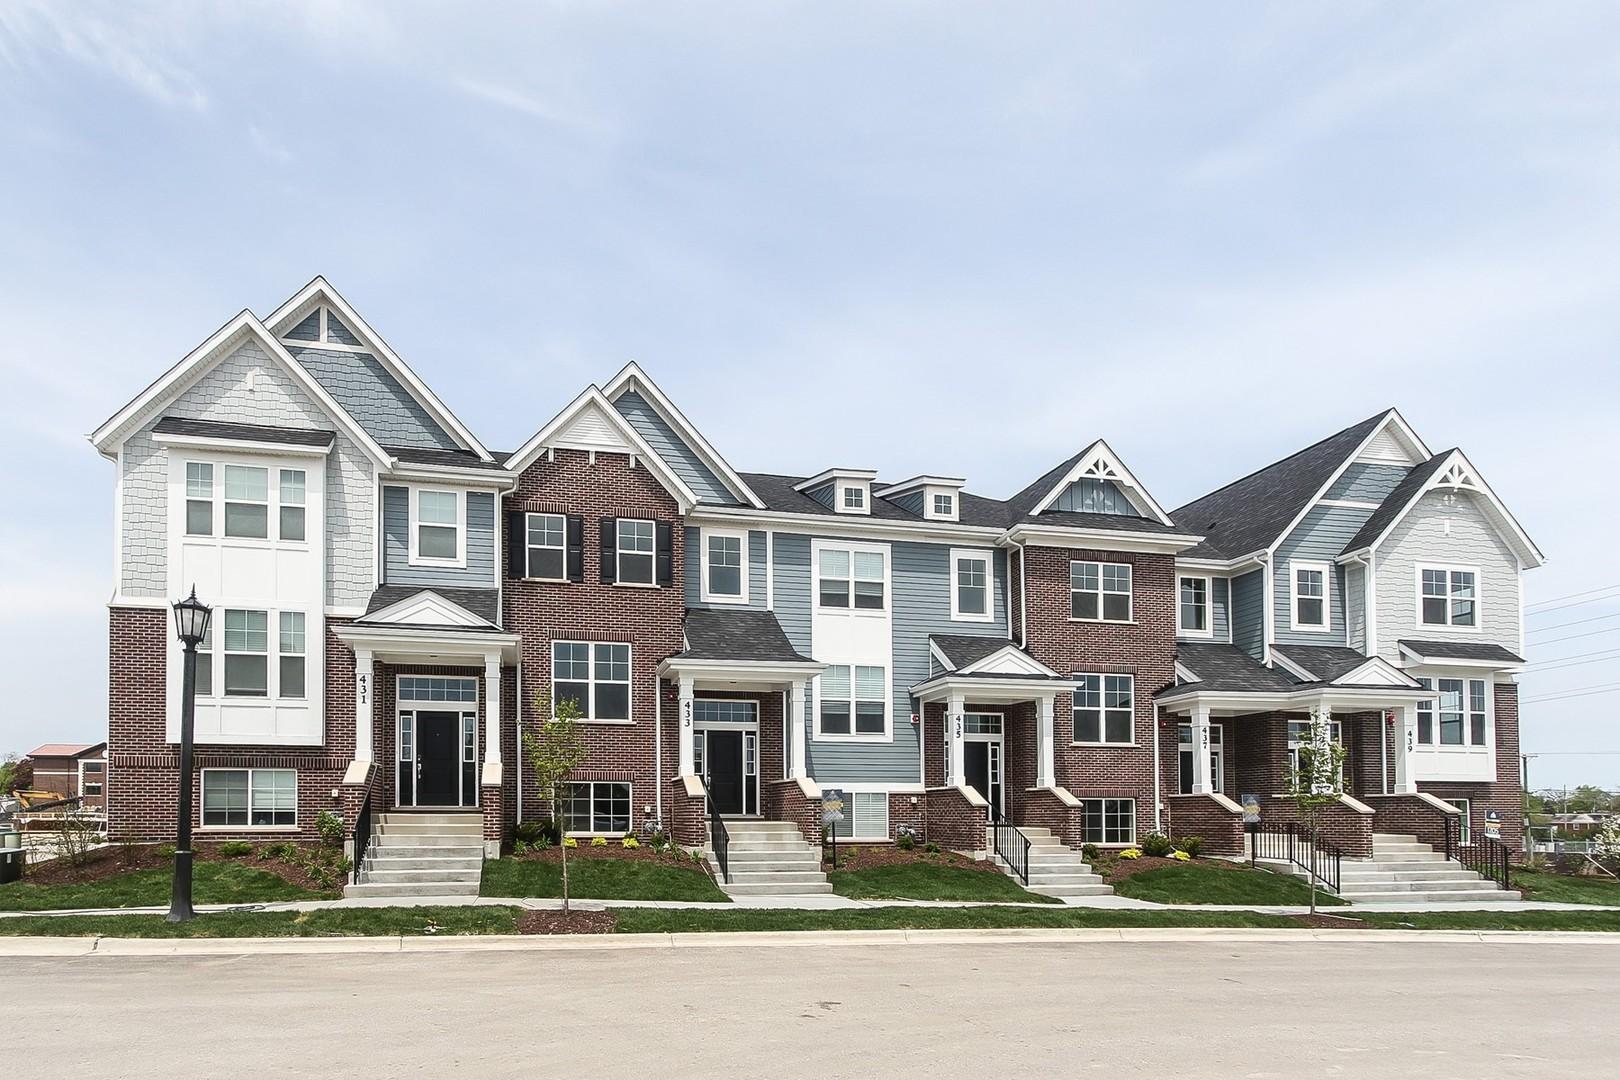 439 Ashley Lot #17.05 Avenue, La Grange, Illinois